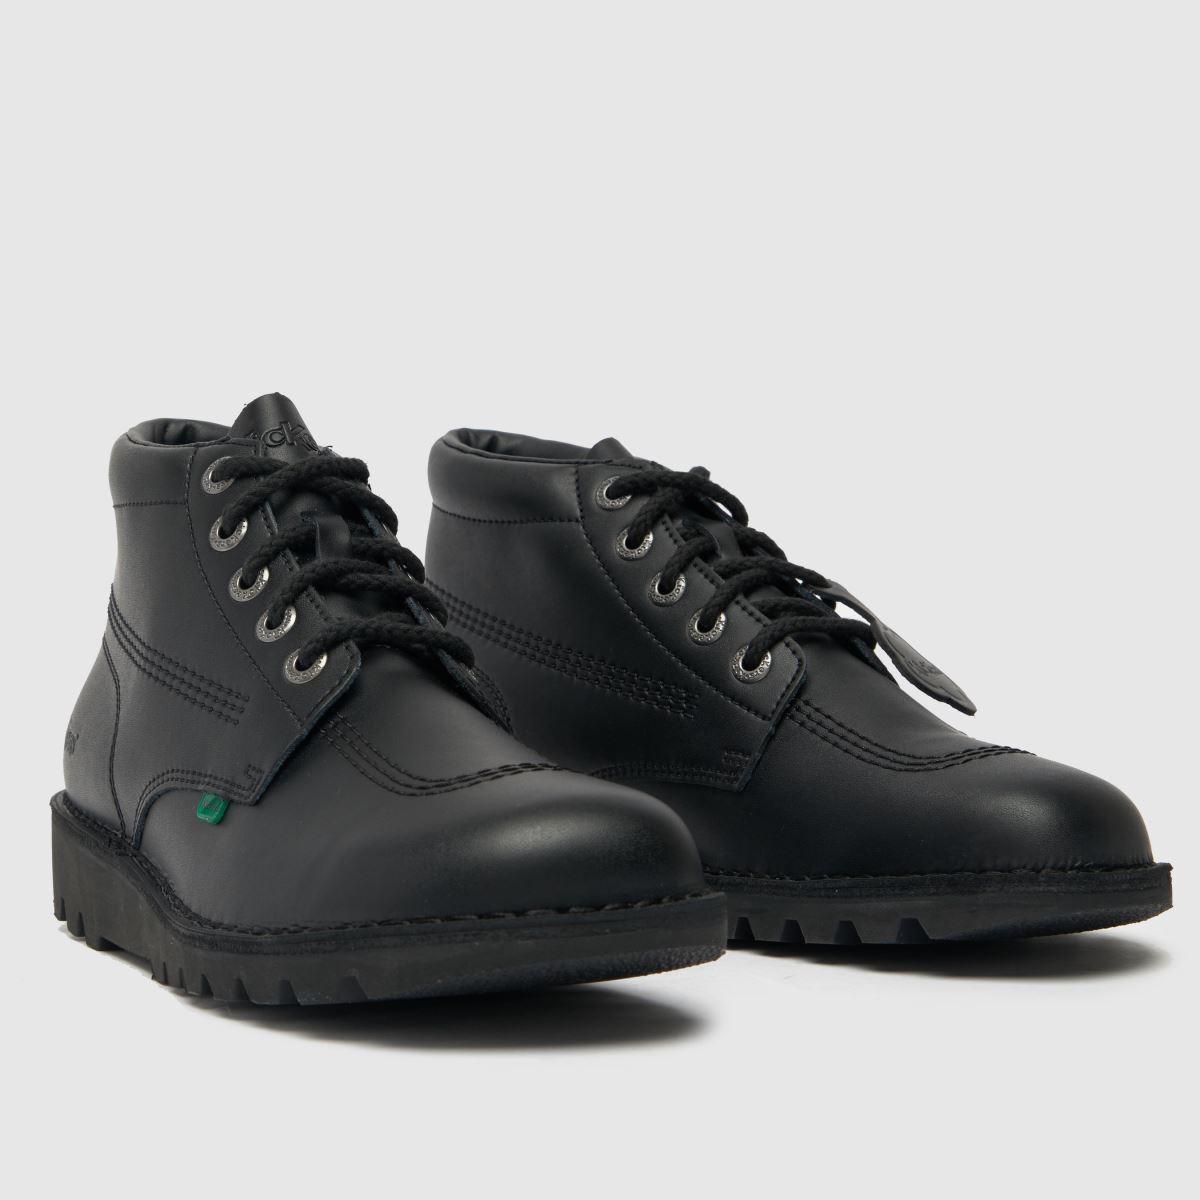 Herren Schwarz Gute kickers Hi Boots | schuh Gute Schwarz Qualität beliebte Schuhe 40fe8e